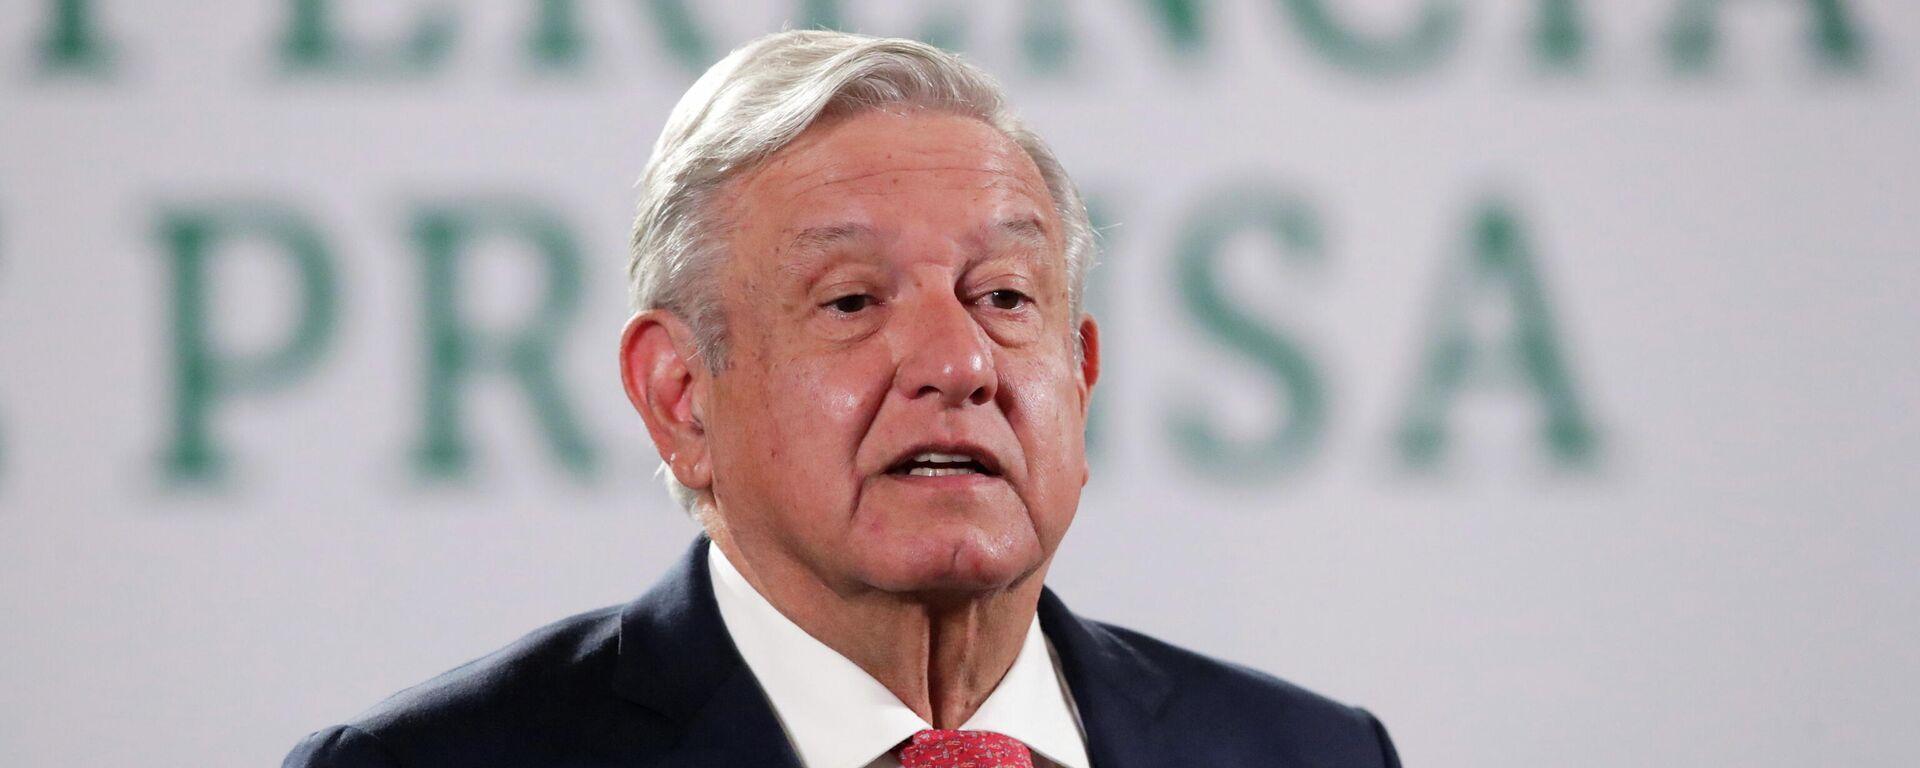 Andrés Manuel López Obrador, presidente de México - Sputnik Mundo, 1920, 07.06.2021